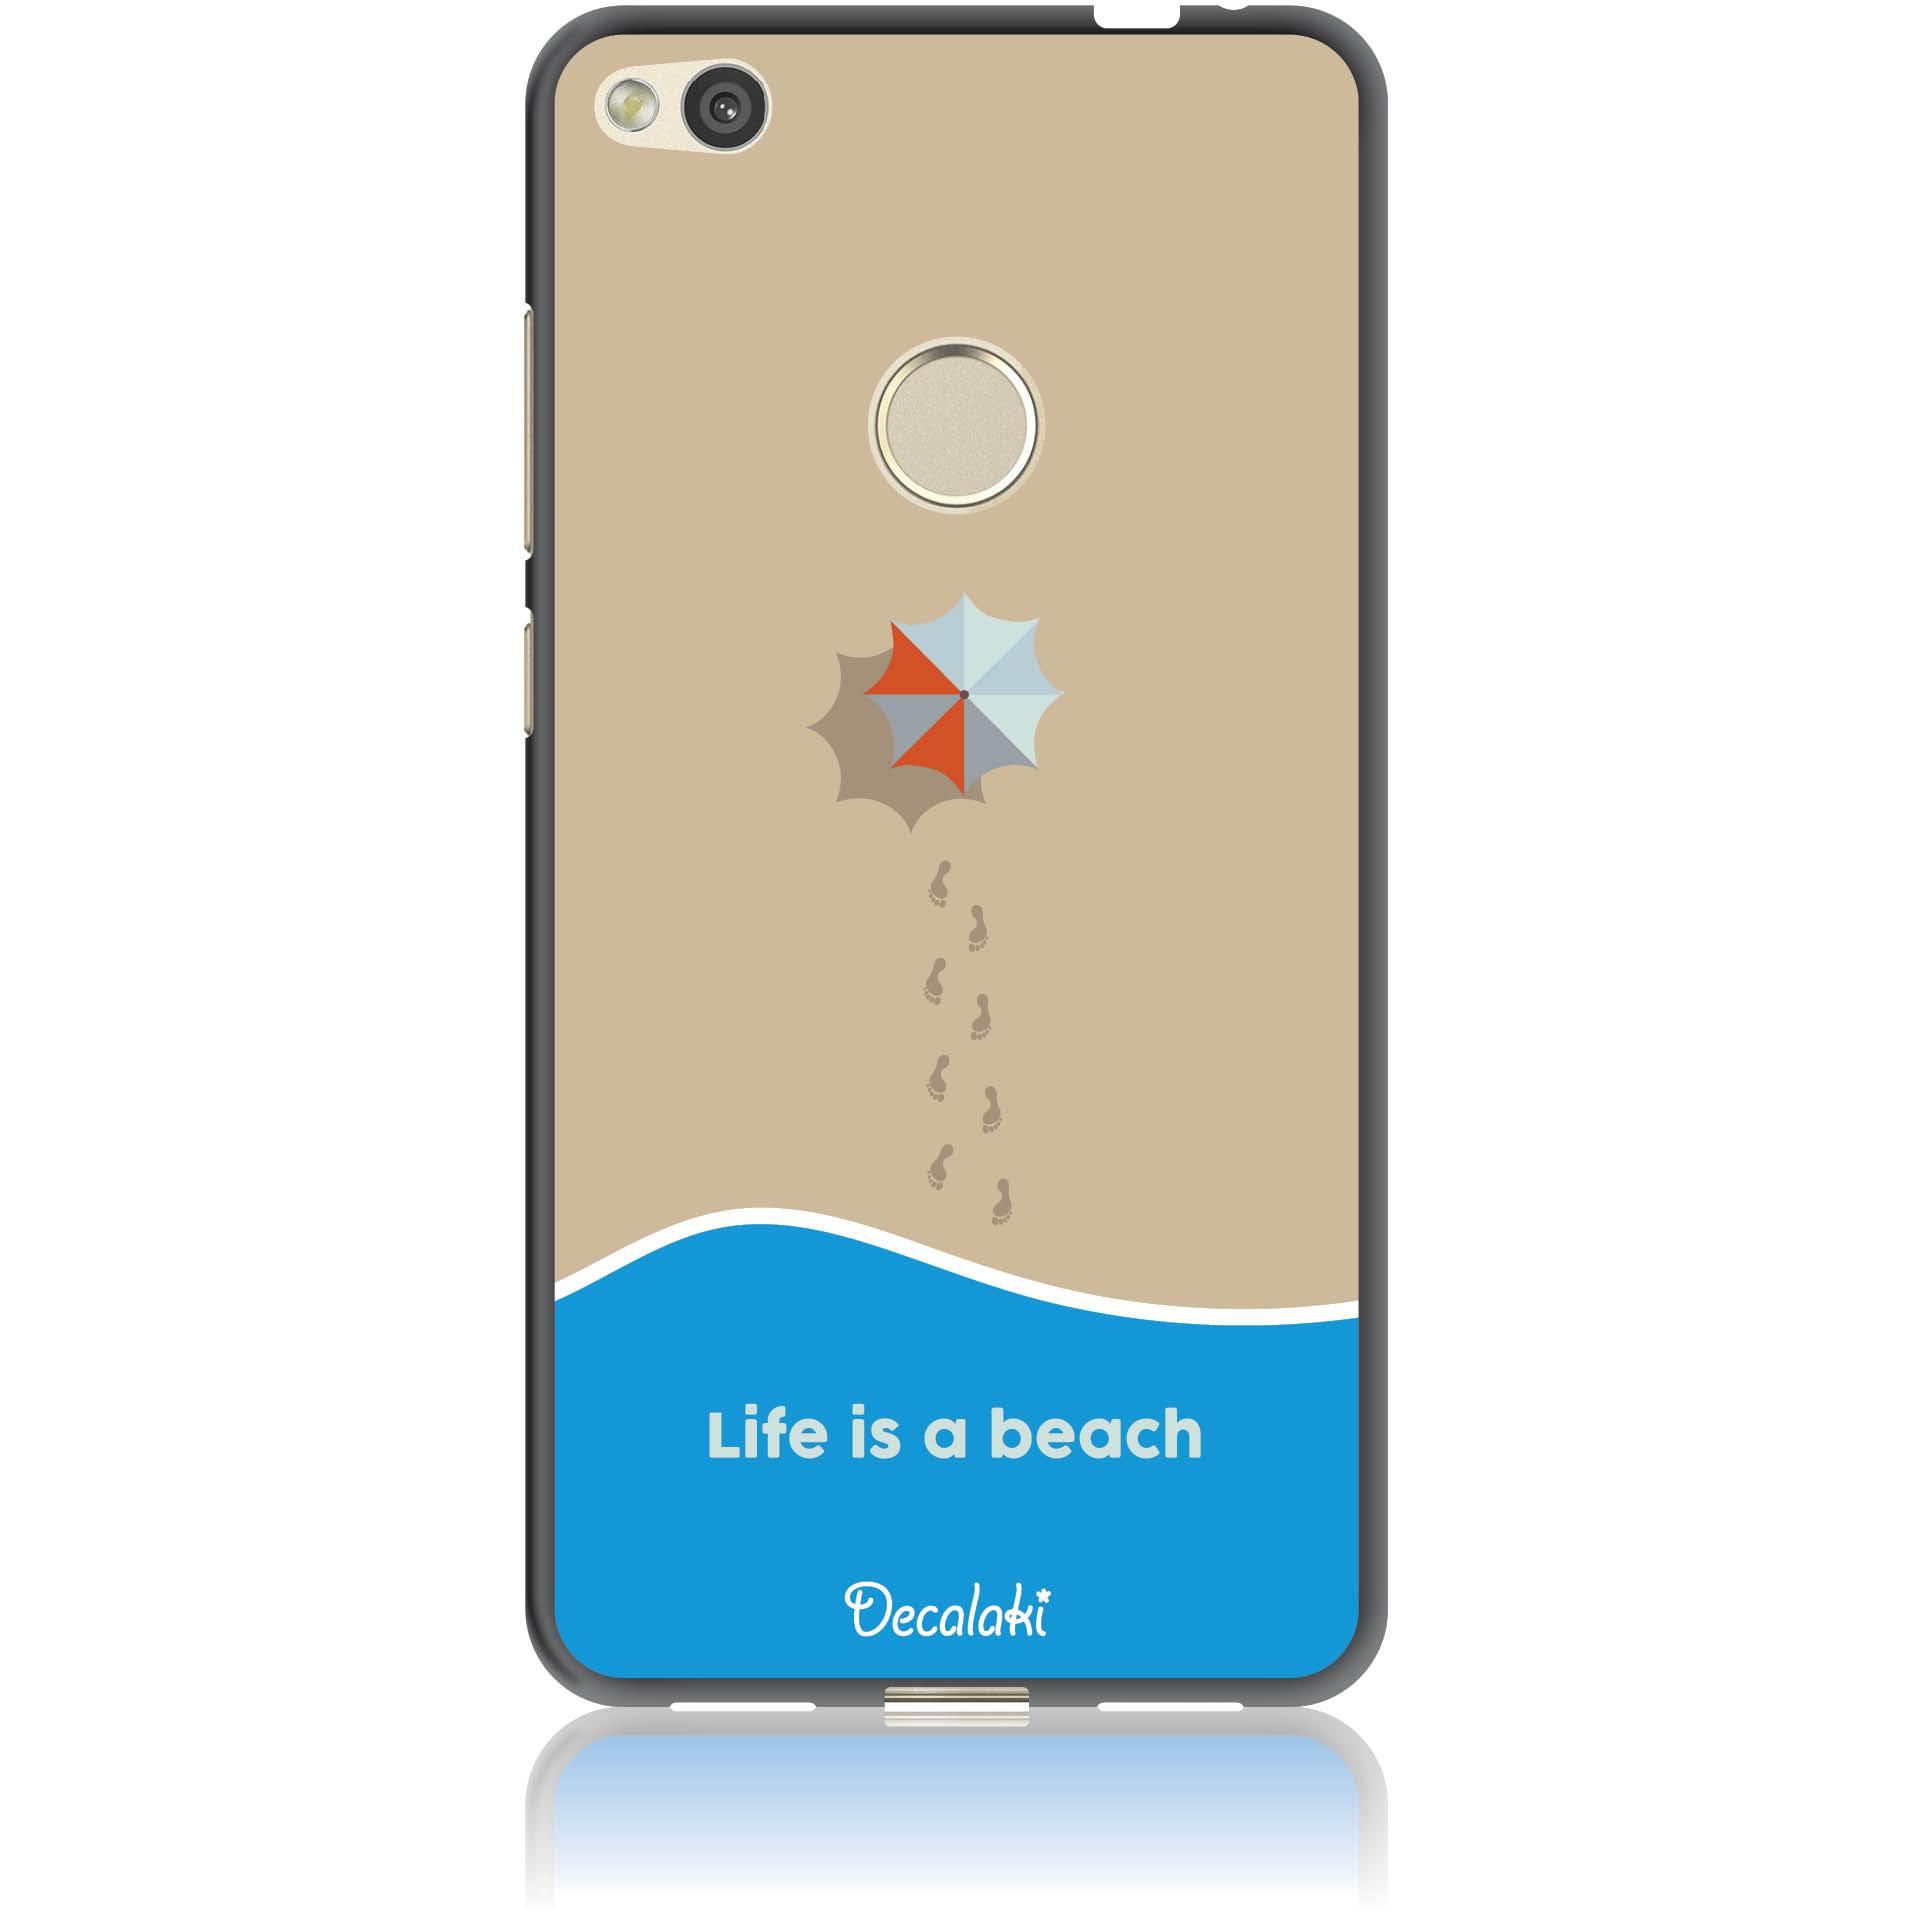 Life Is A Beach Phone Case Design 50430  -  Honor 8 Lite  -  Soft Tpu Case